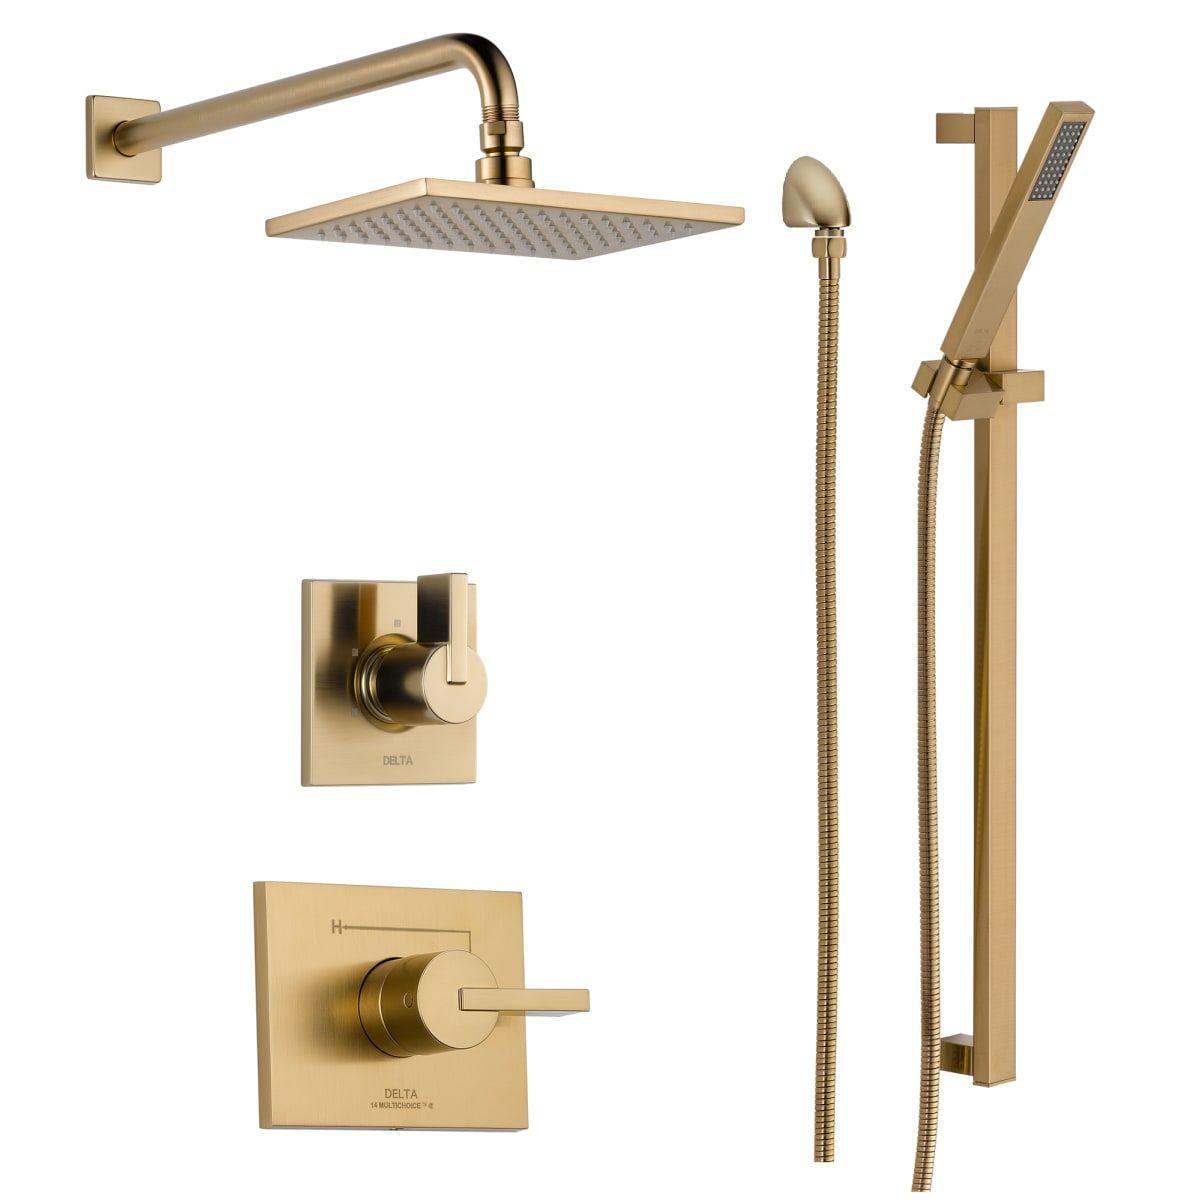 Delta Dss Vero 1401 Shower Systems Shower Heads Brass Bathroom